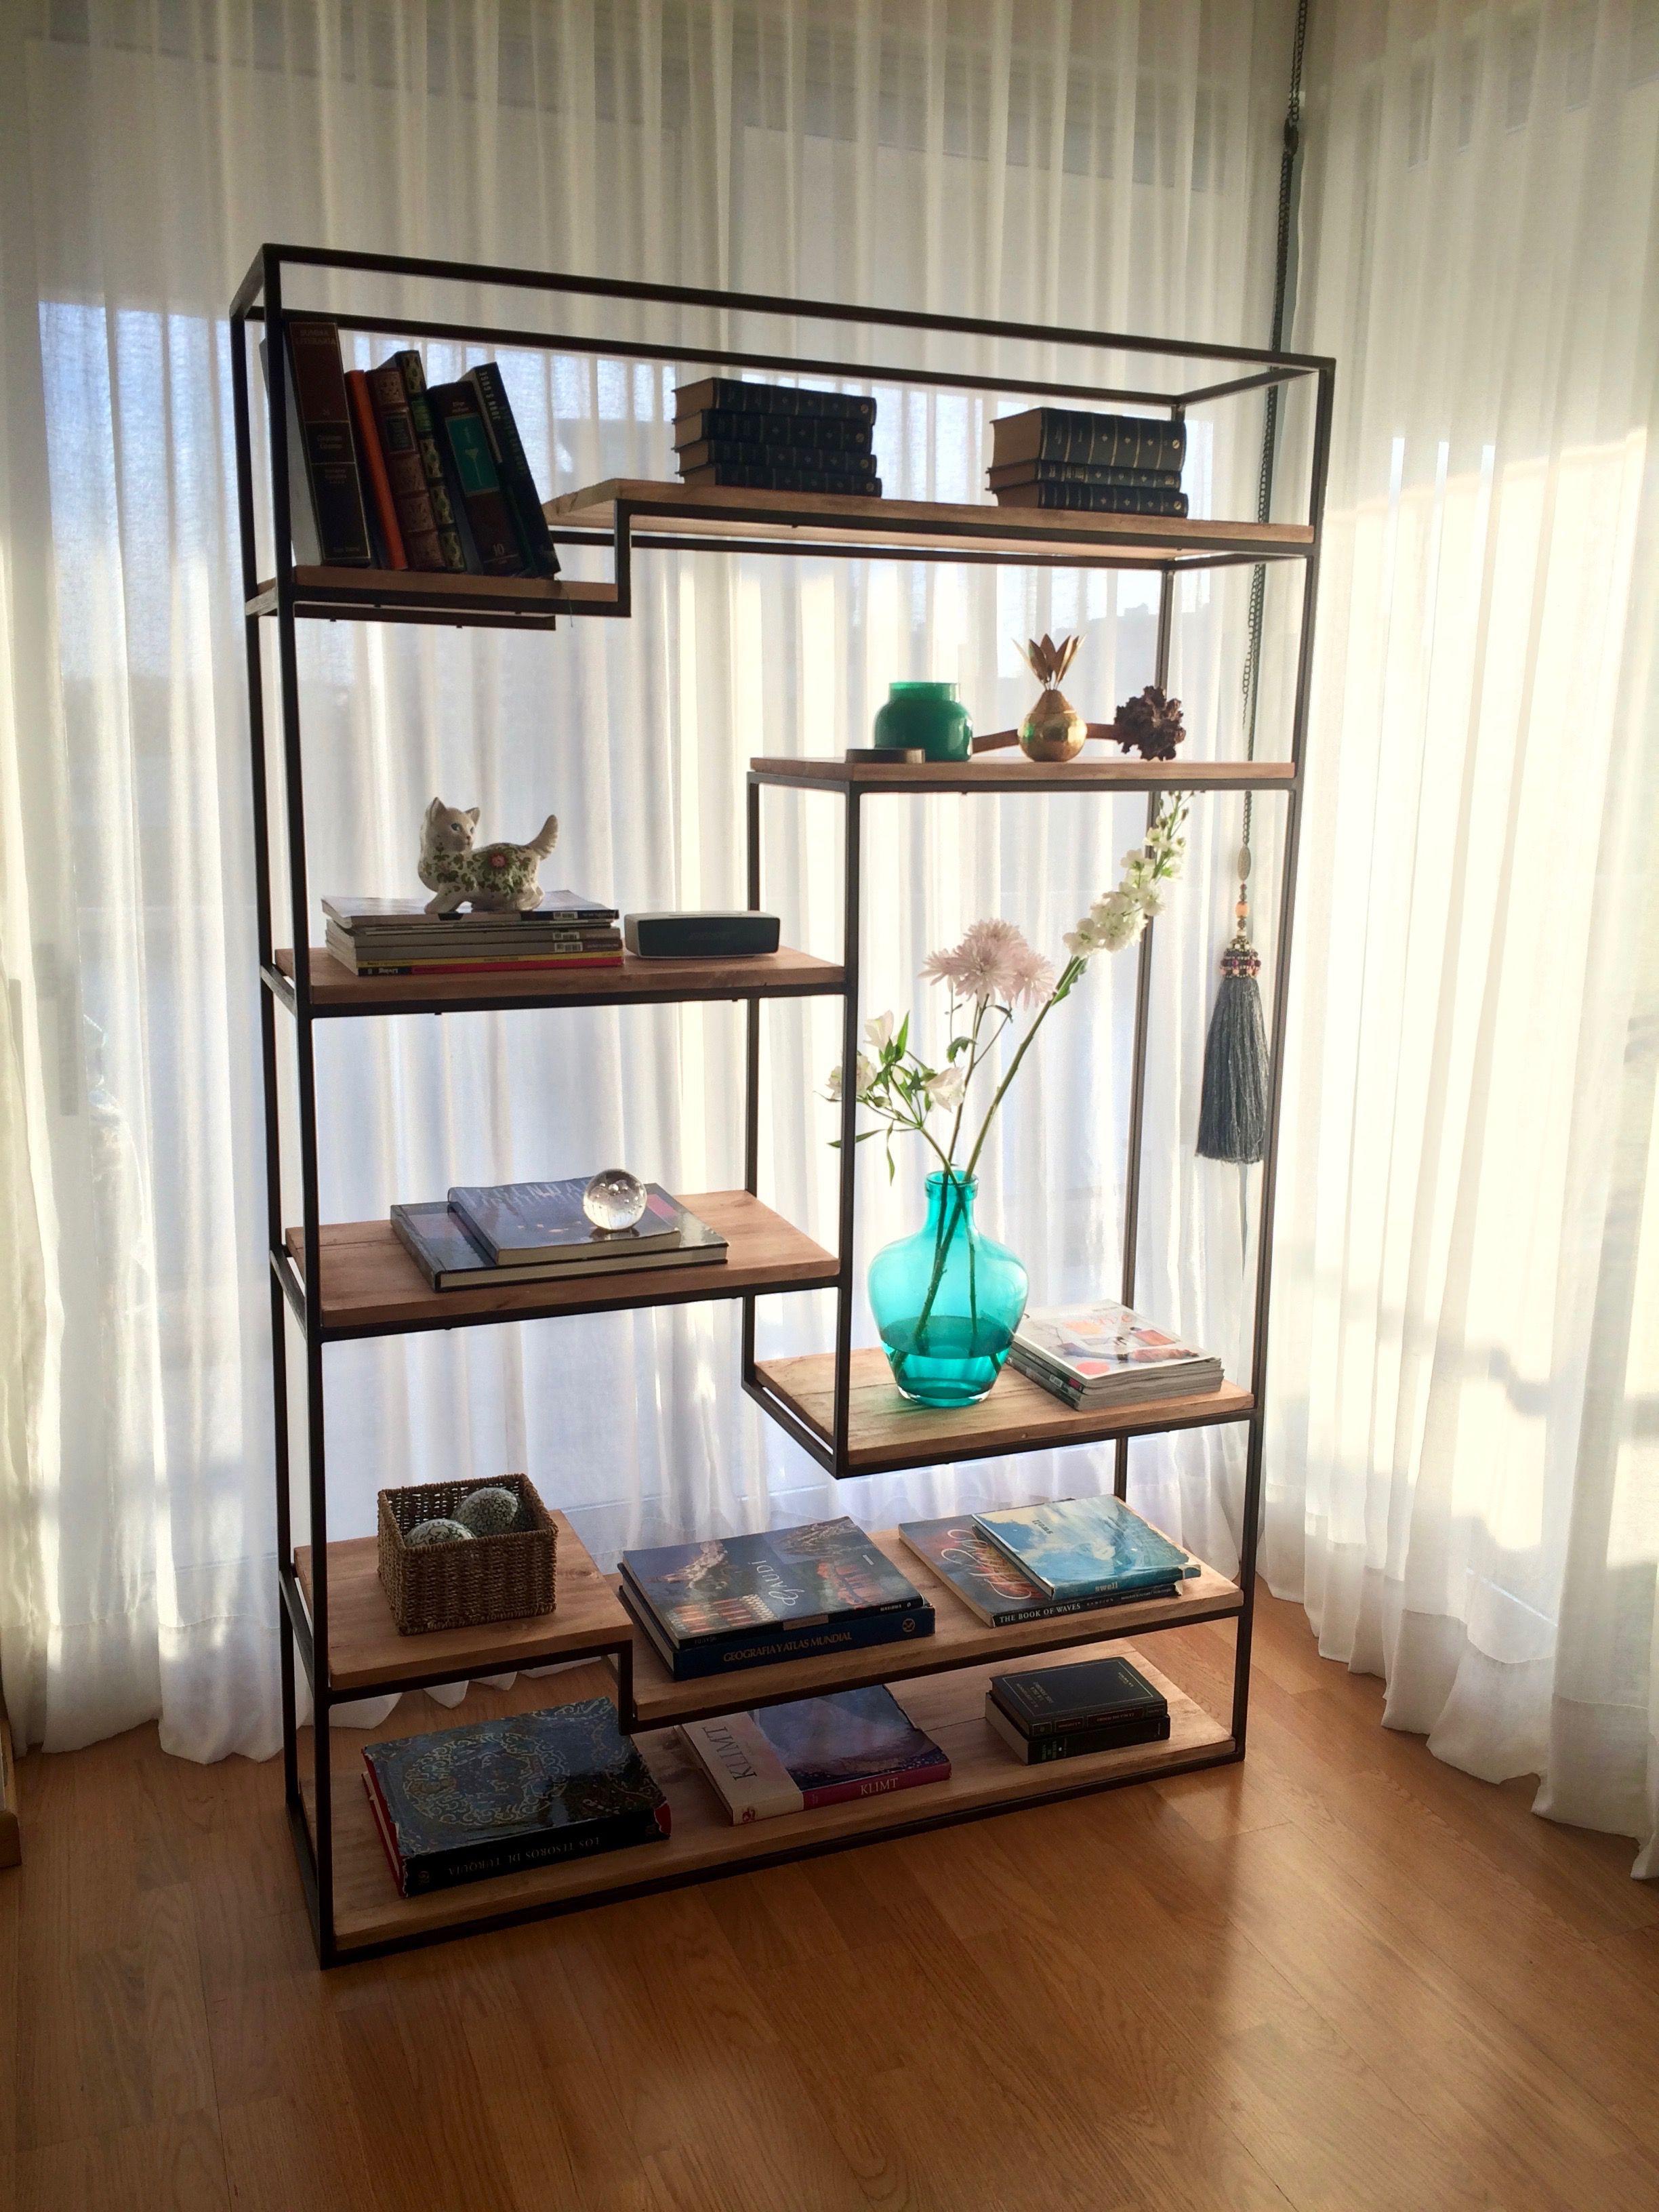 biblioteca estilo industrial de hierro con estantes de